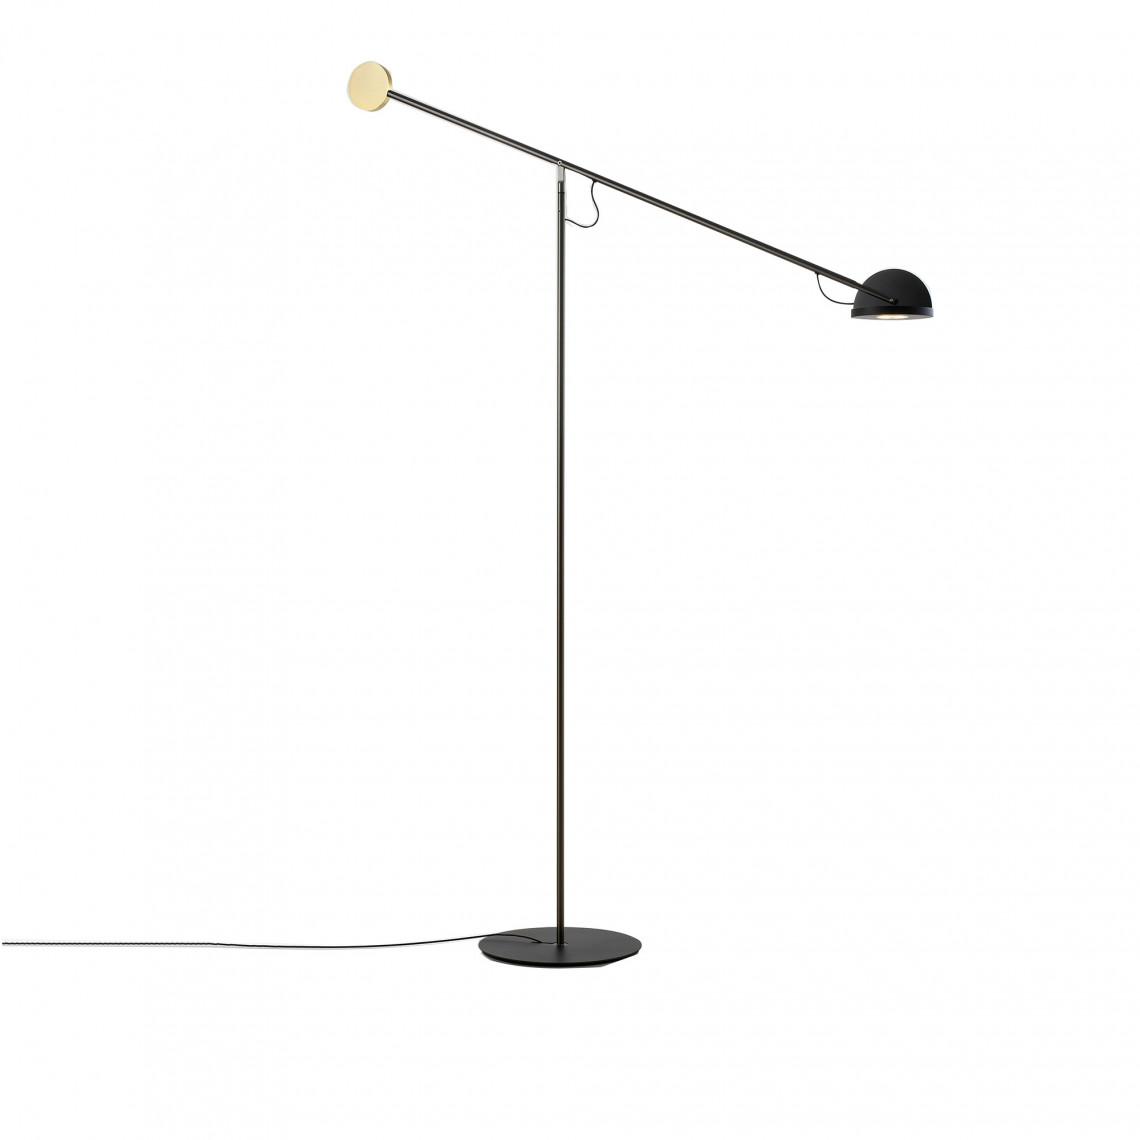 Copernica P - Floor Lamp Gold/Black